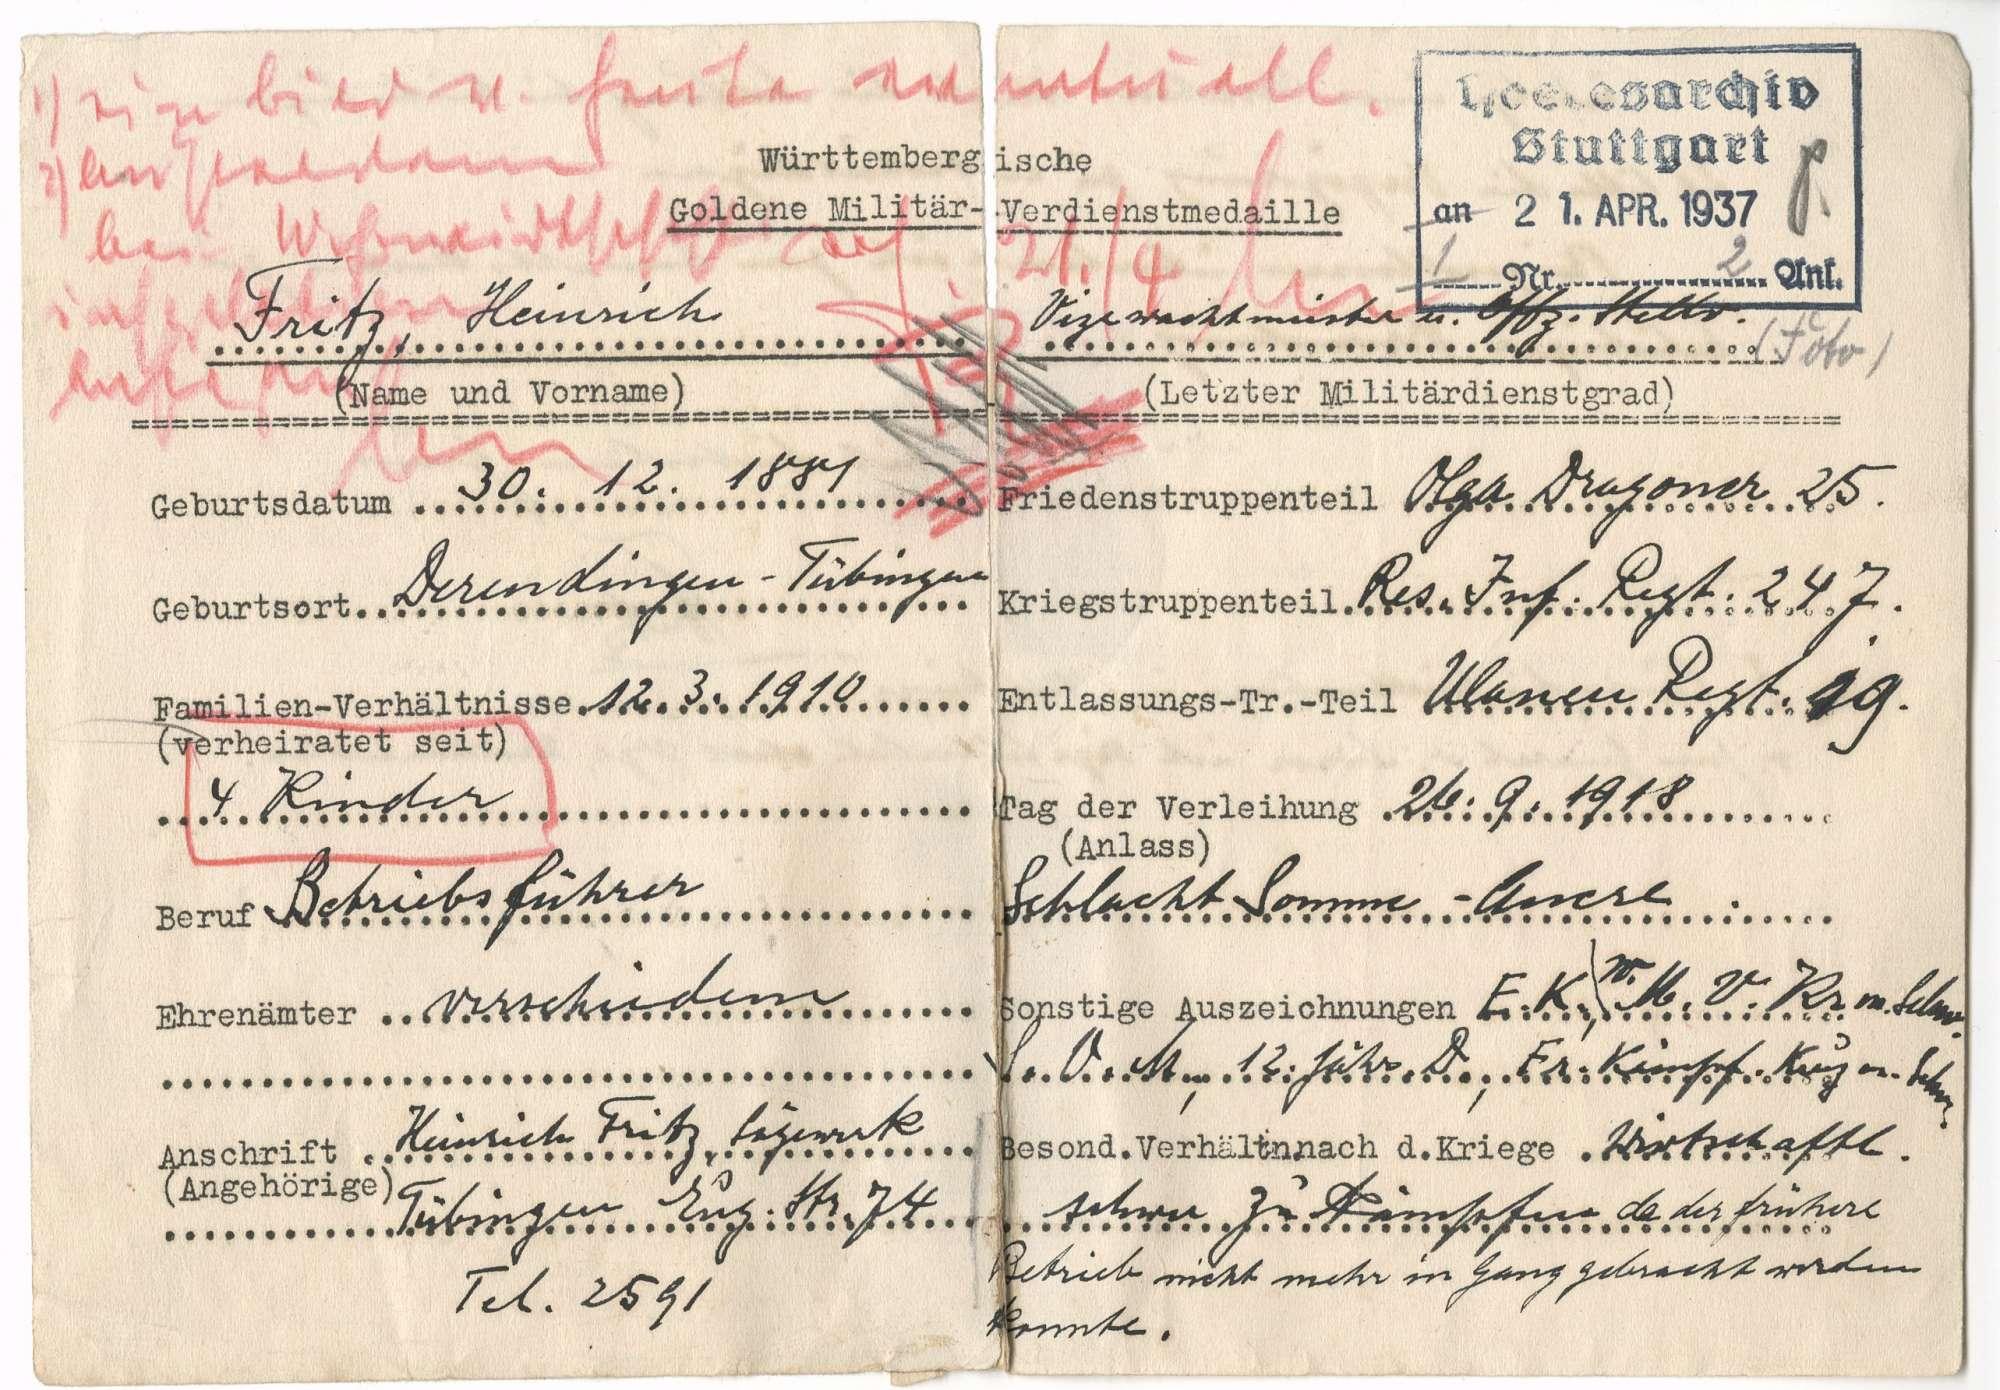 Fritz, Heinrich, Bild 2